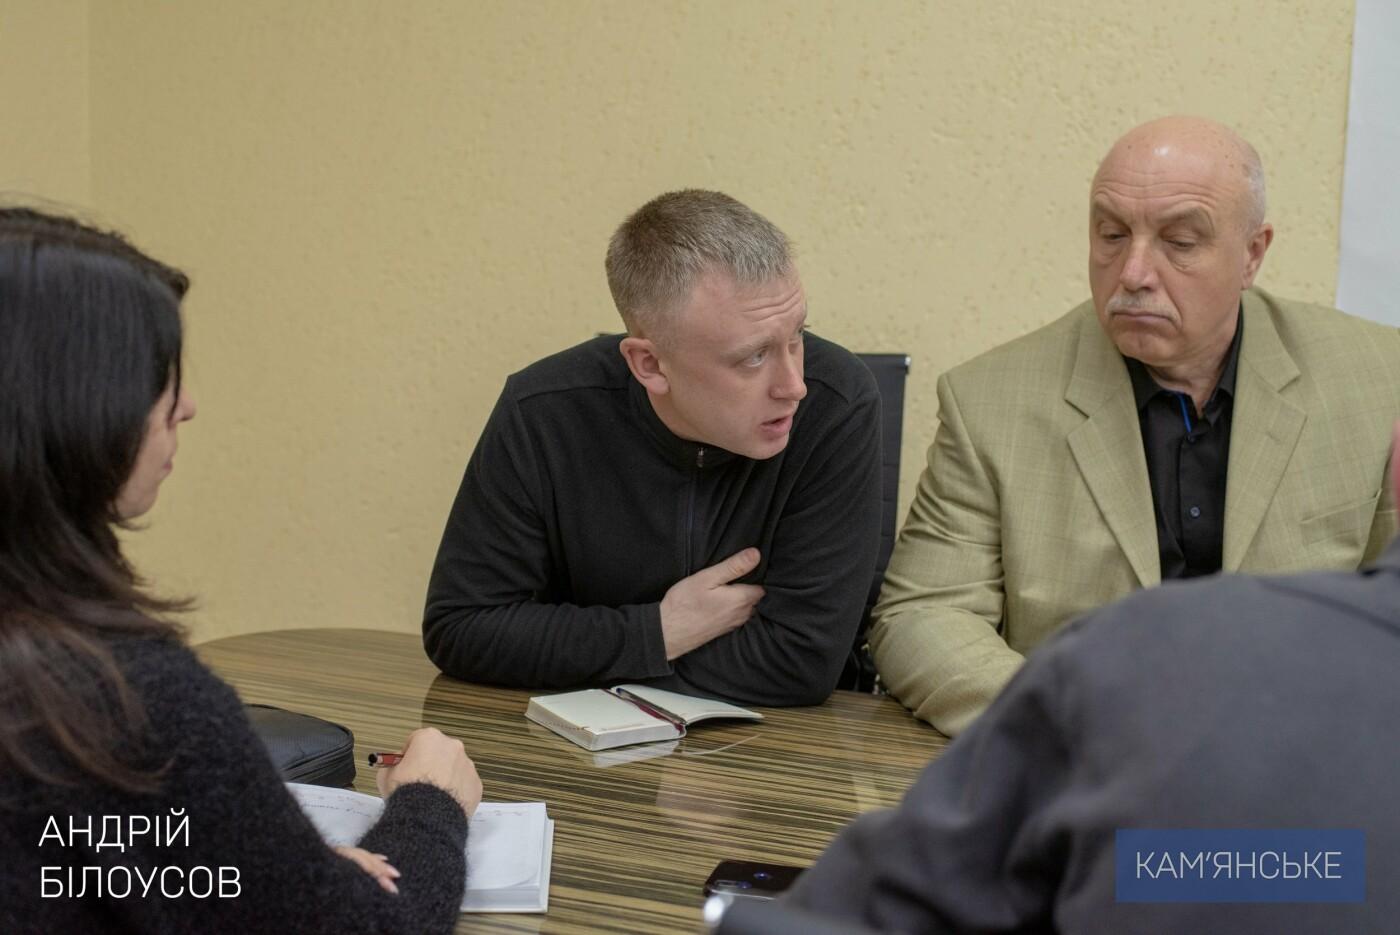 Проблемы ветеранов и семей участников АТО/ООС – на контроле у мэра Каменского, фото-1